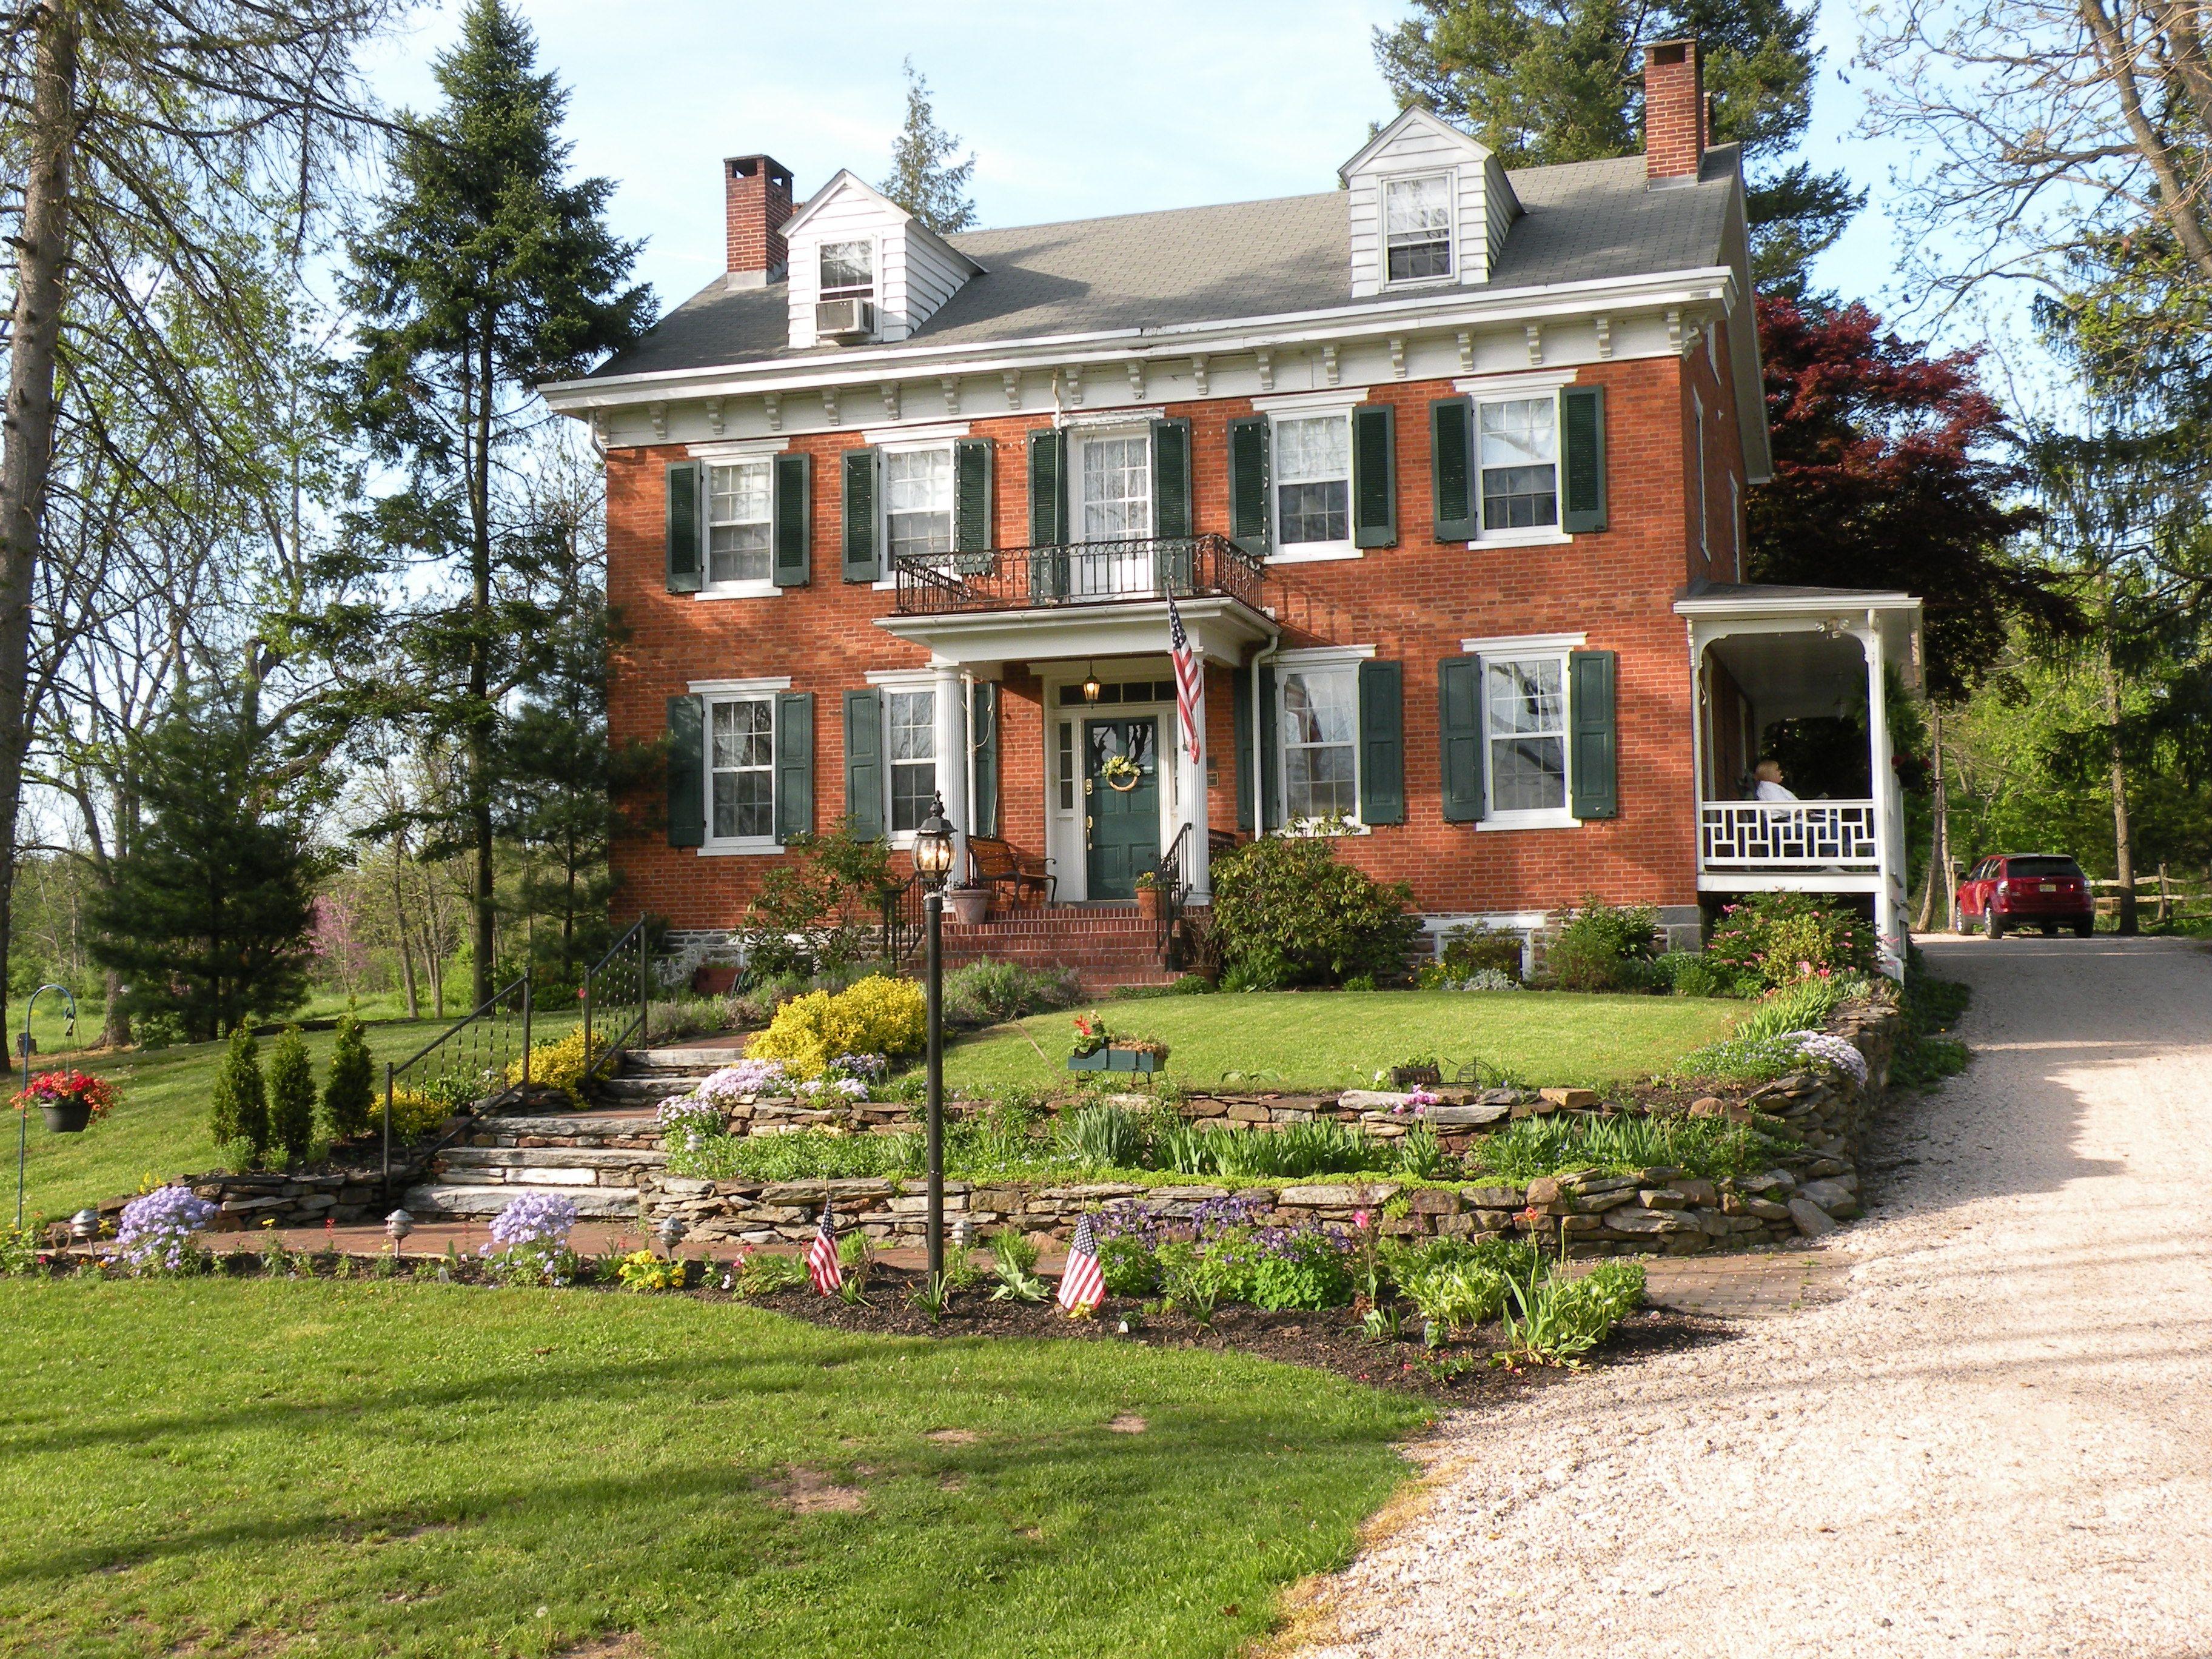 Bed & Breakfast in Gettysburg, PA Bed, breakfast, House